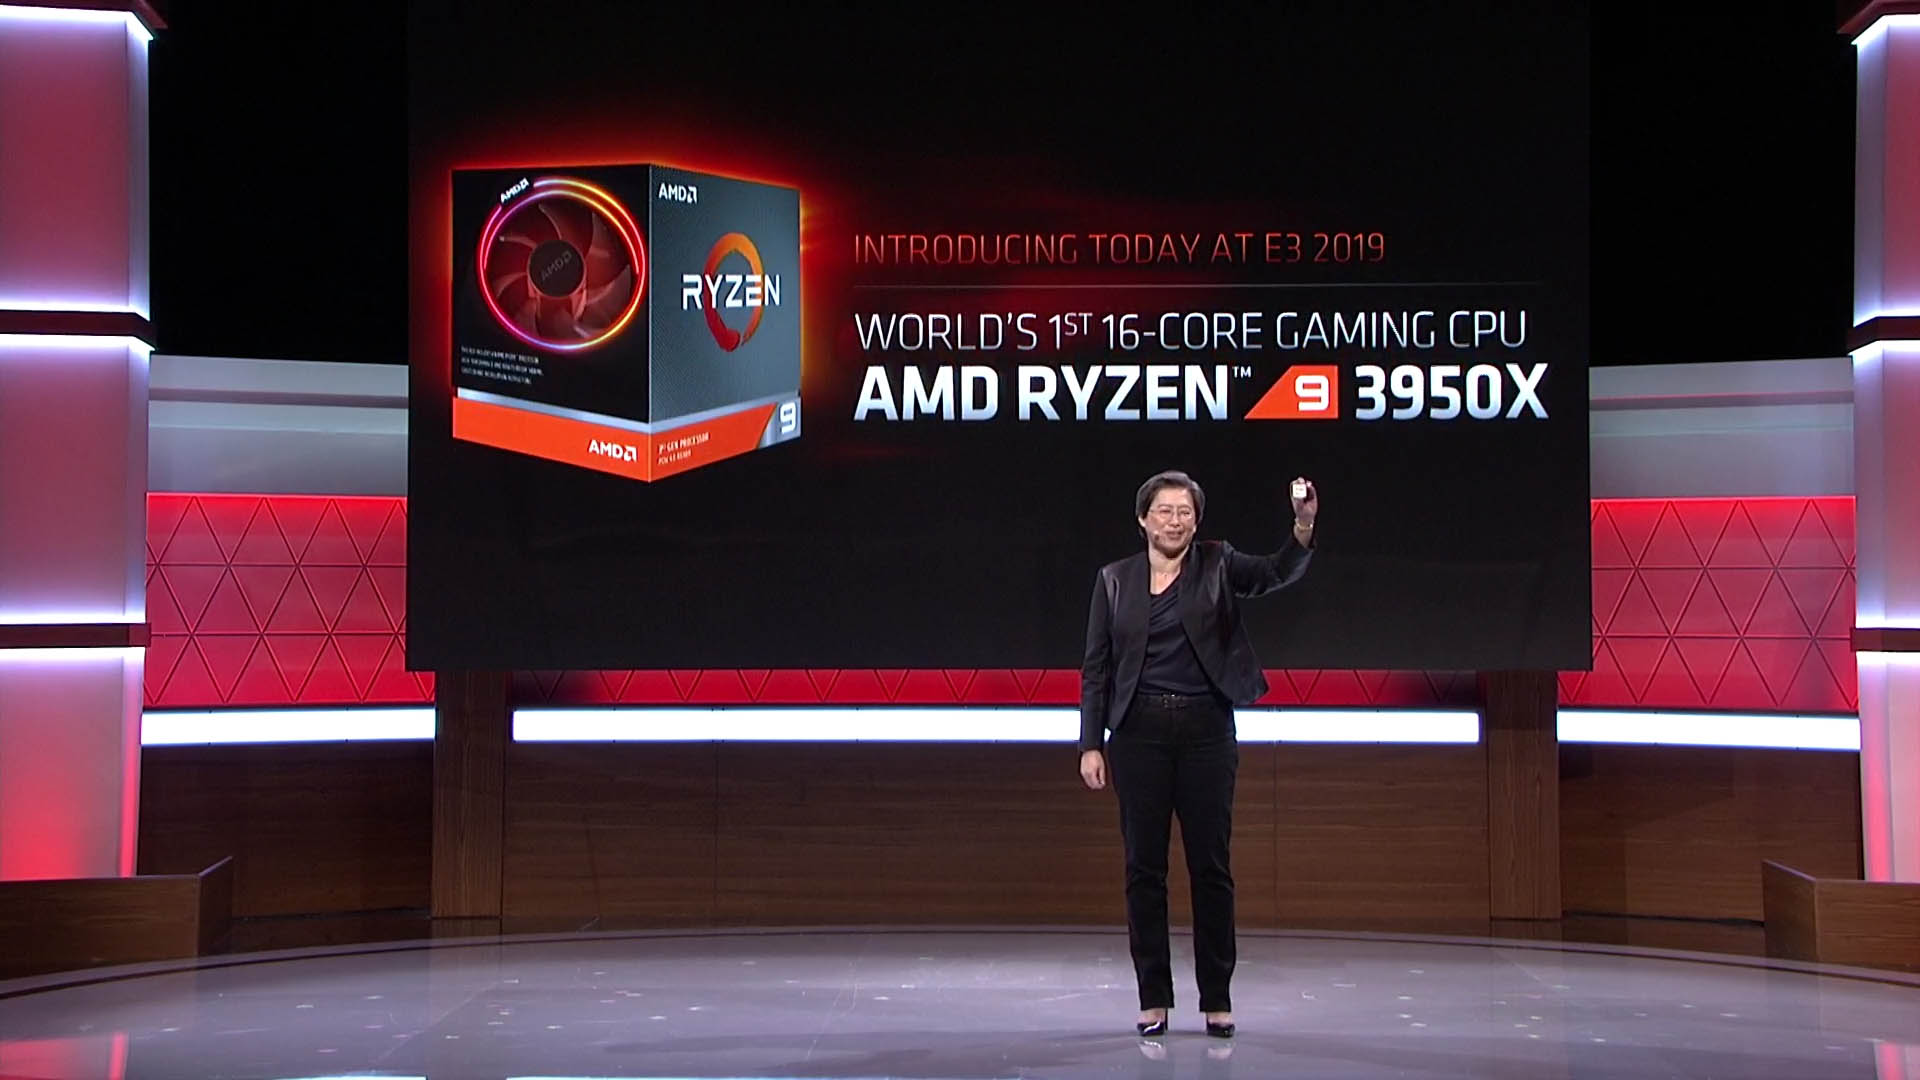 AMD anuncia su nuevo AMD Ryzen 9 3950X de 16 núcleos